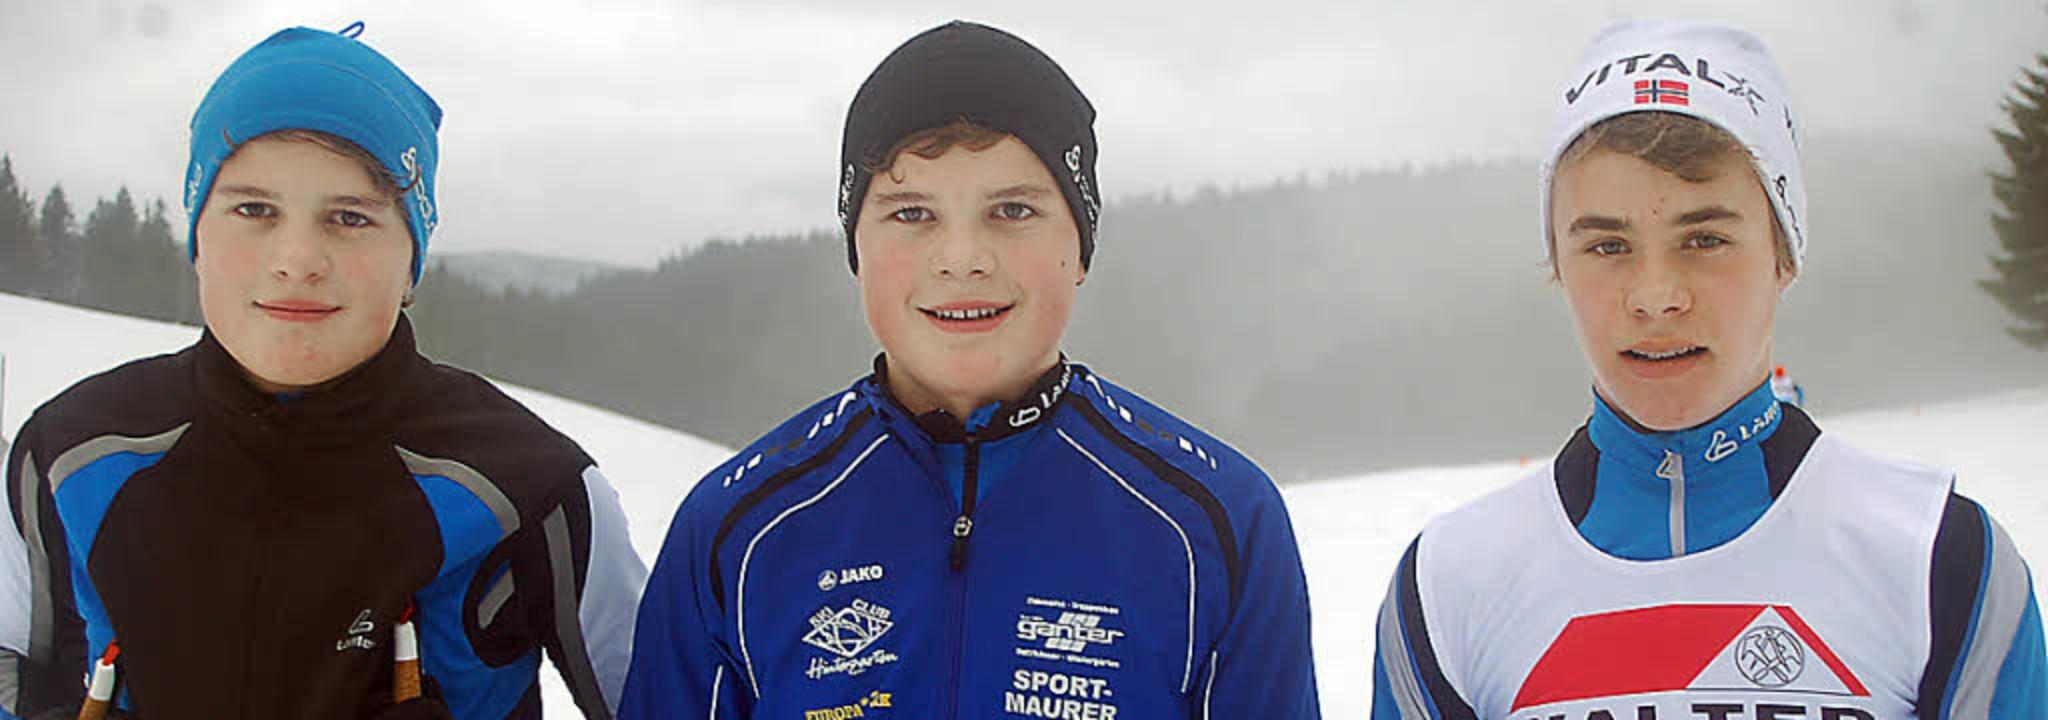 Das Trio des SC Hinterzarten mit  Björ...i den Schülern Staffelbezirksmeister.   | Foto: Junkel